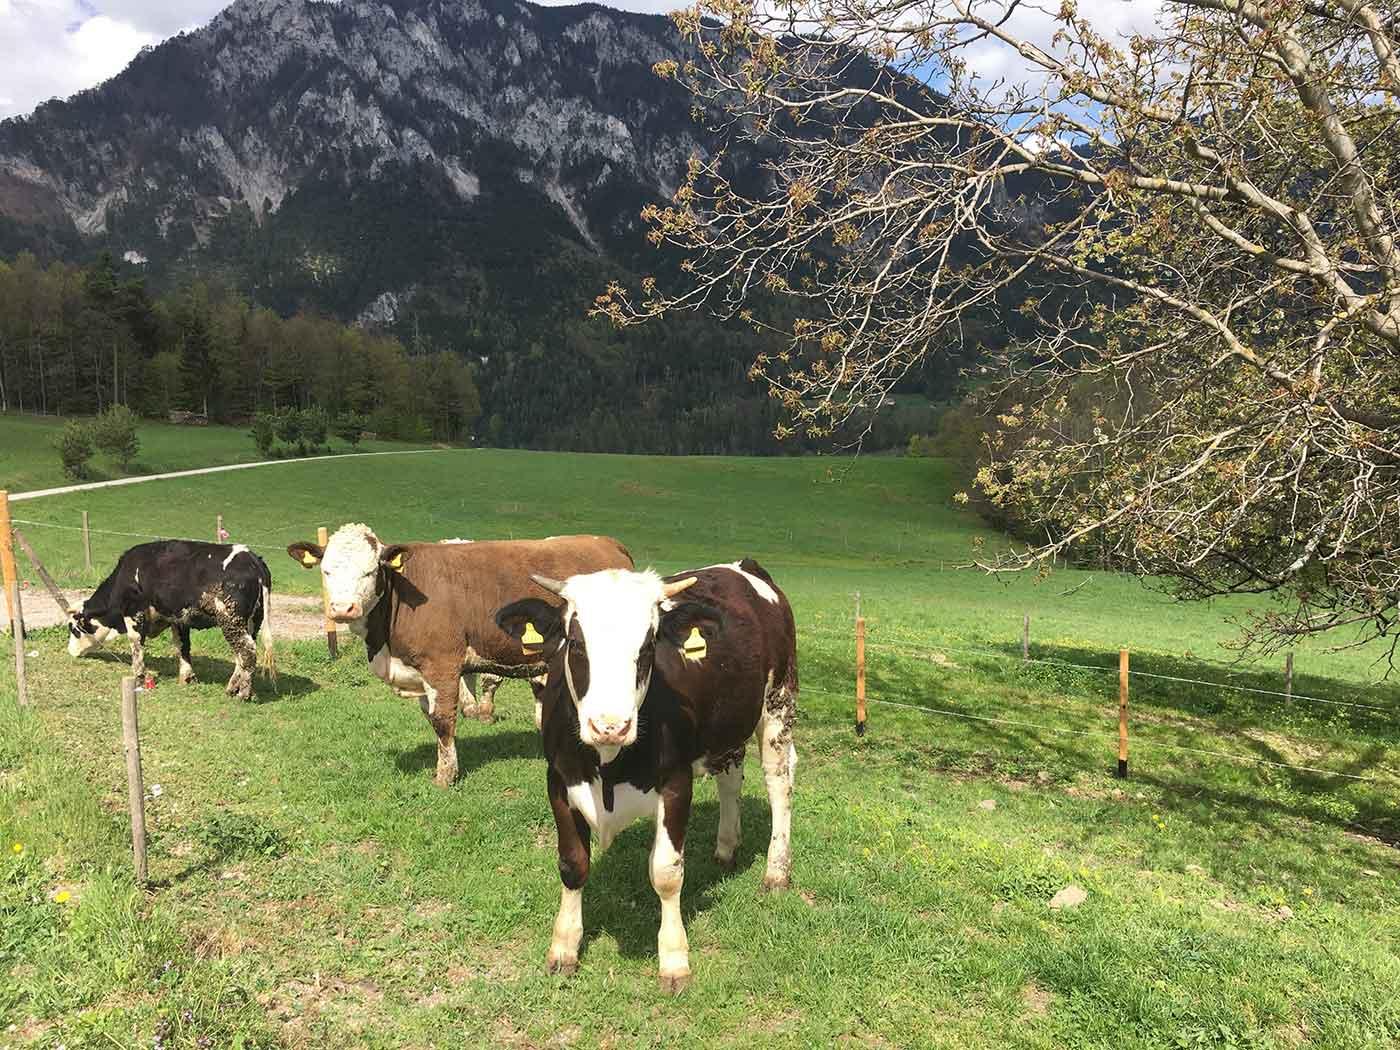 Der Hof besteht seit 1904 in vierter Generation und bietet derzeit 36 glücklichen Kühen und Kälbern sowie Hendln und Hasen eine artgerechte, glückliche Lebensweise.